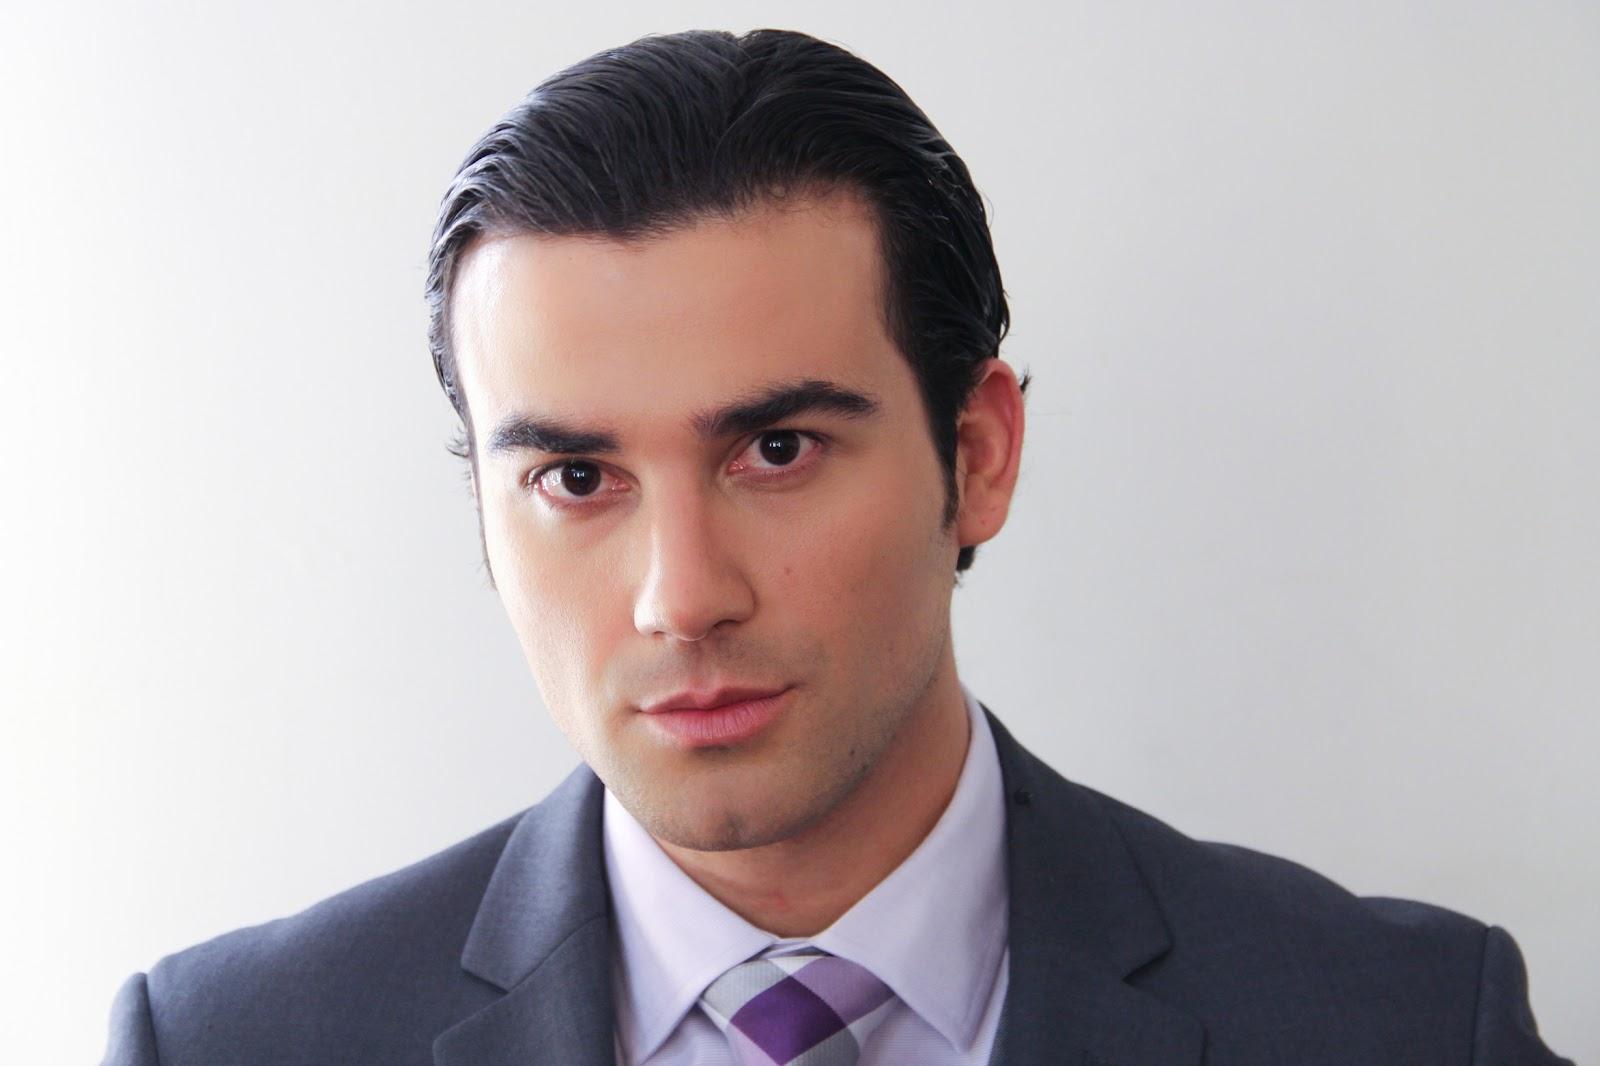 Jose Luis Resendez/ხოსე ლუის რესენდესი 232b68435ba1e4ec4892e9c64b346bd5